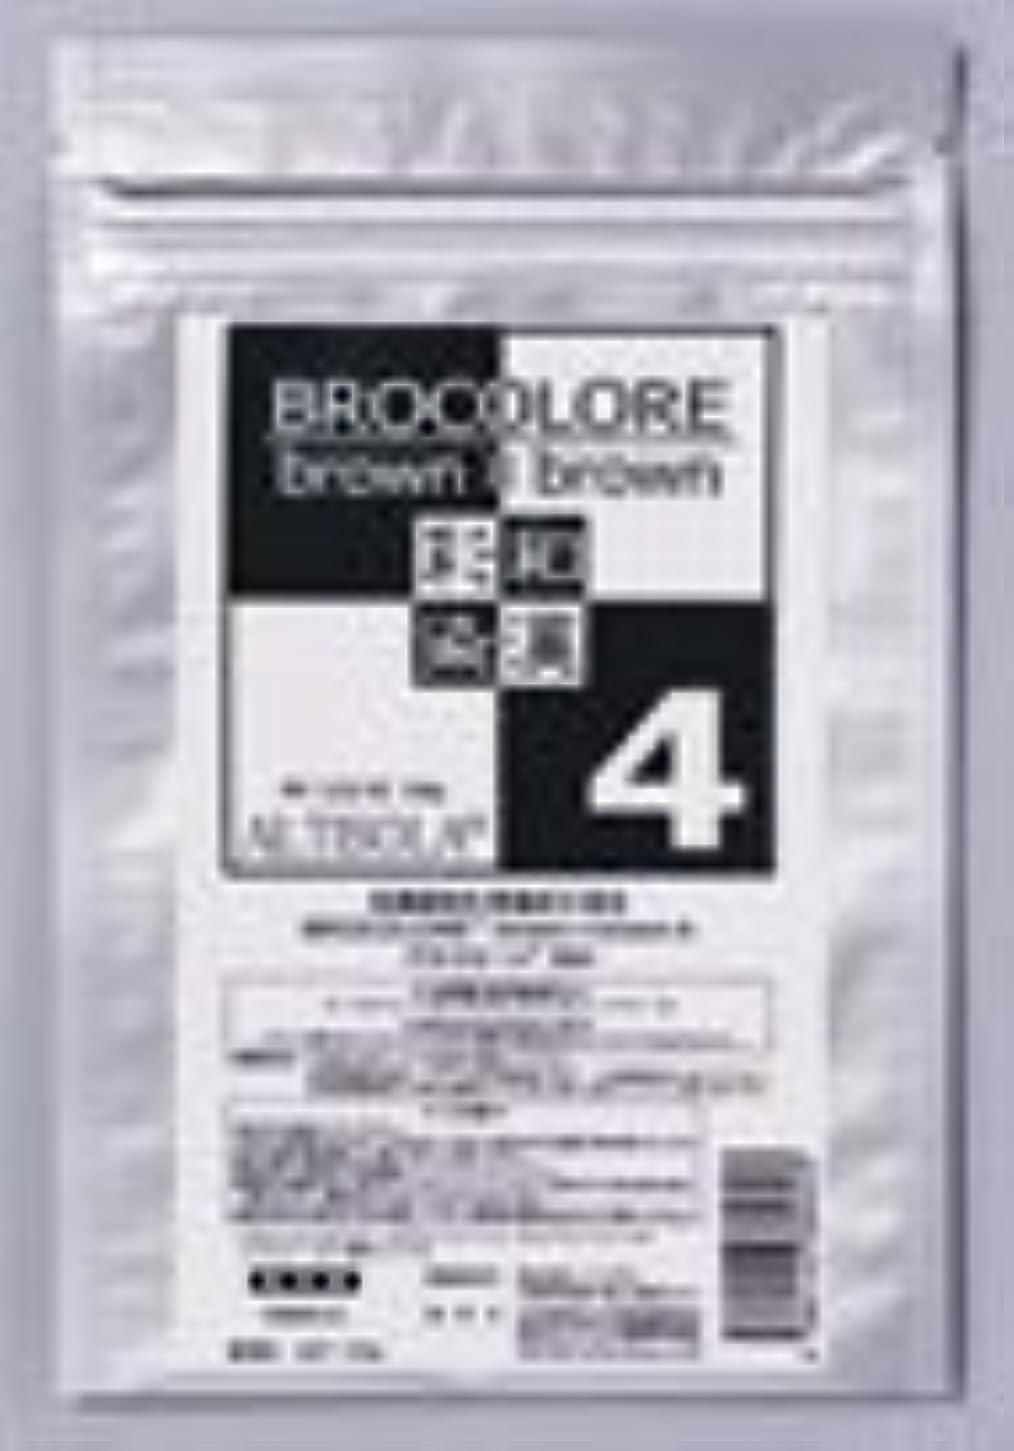 ベルスペイングレードグランデックス 和漢彩染 BB4